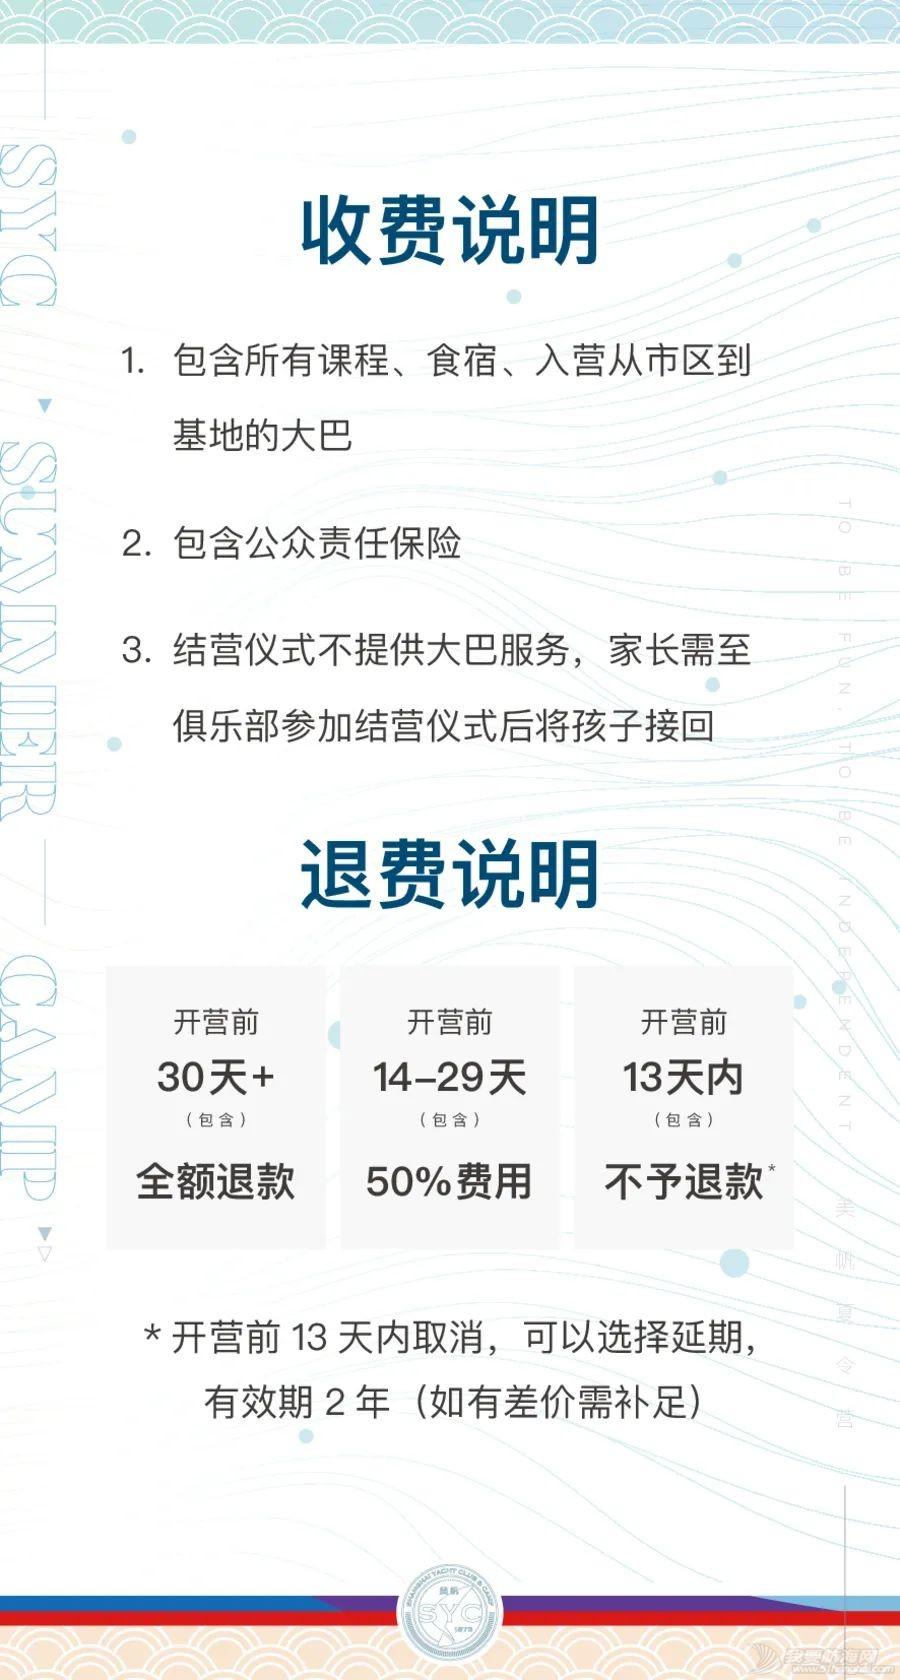 2021帆船夏令营之华东篇|中帆协小帆船认证培训中心营业啦③w25.jpg